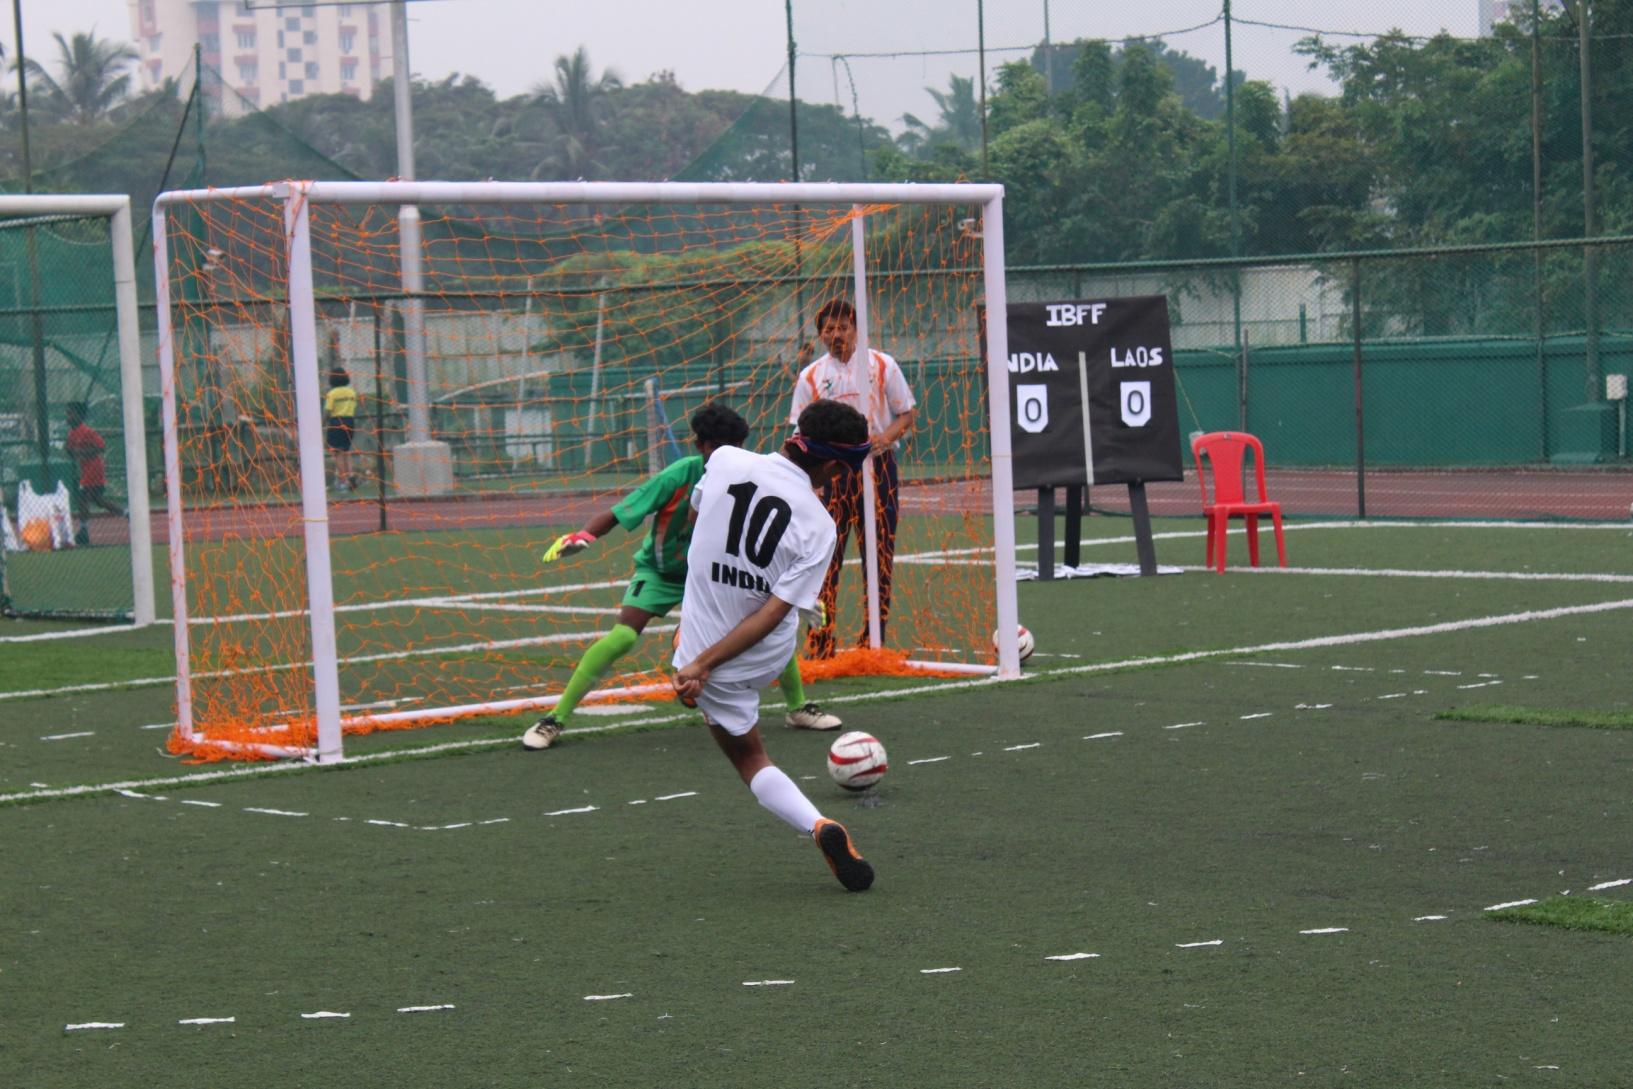 kick ball to goal post